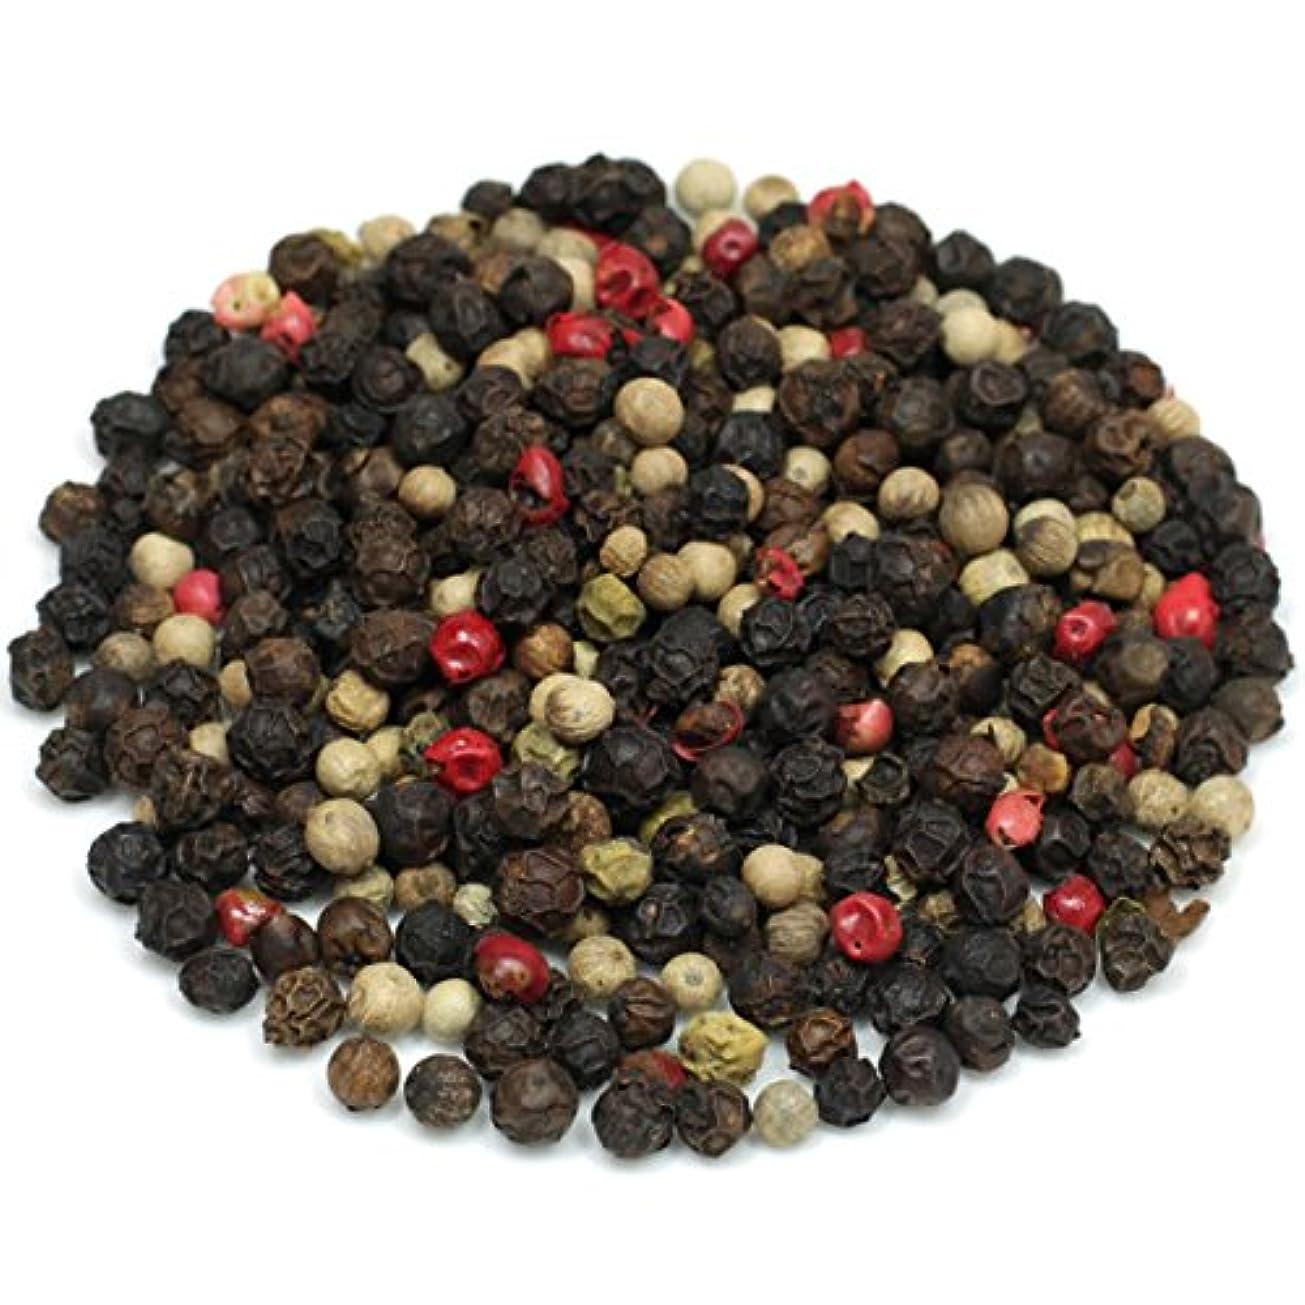 比較的ゴミ箱測定Herbs :レインボーPepper、全体( Organic )